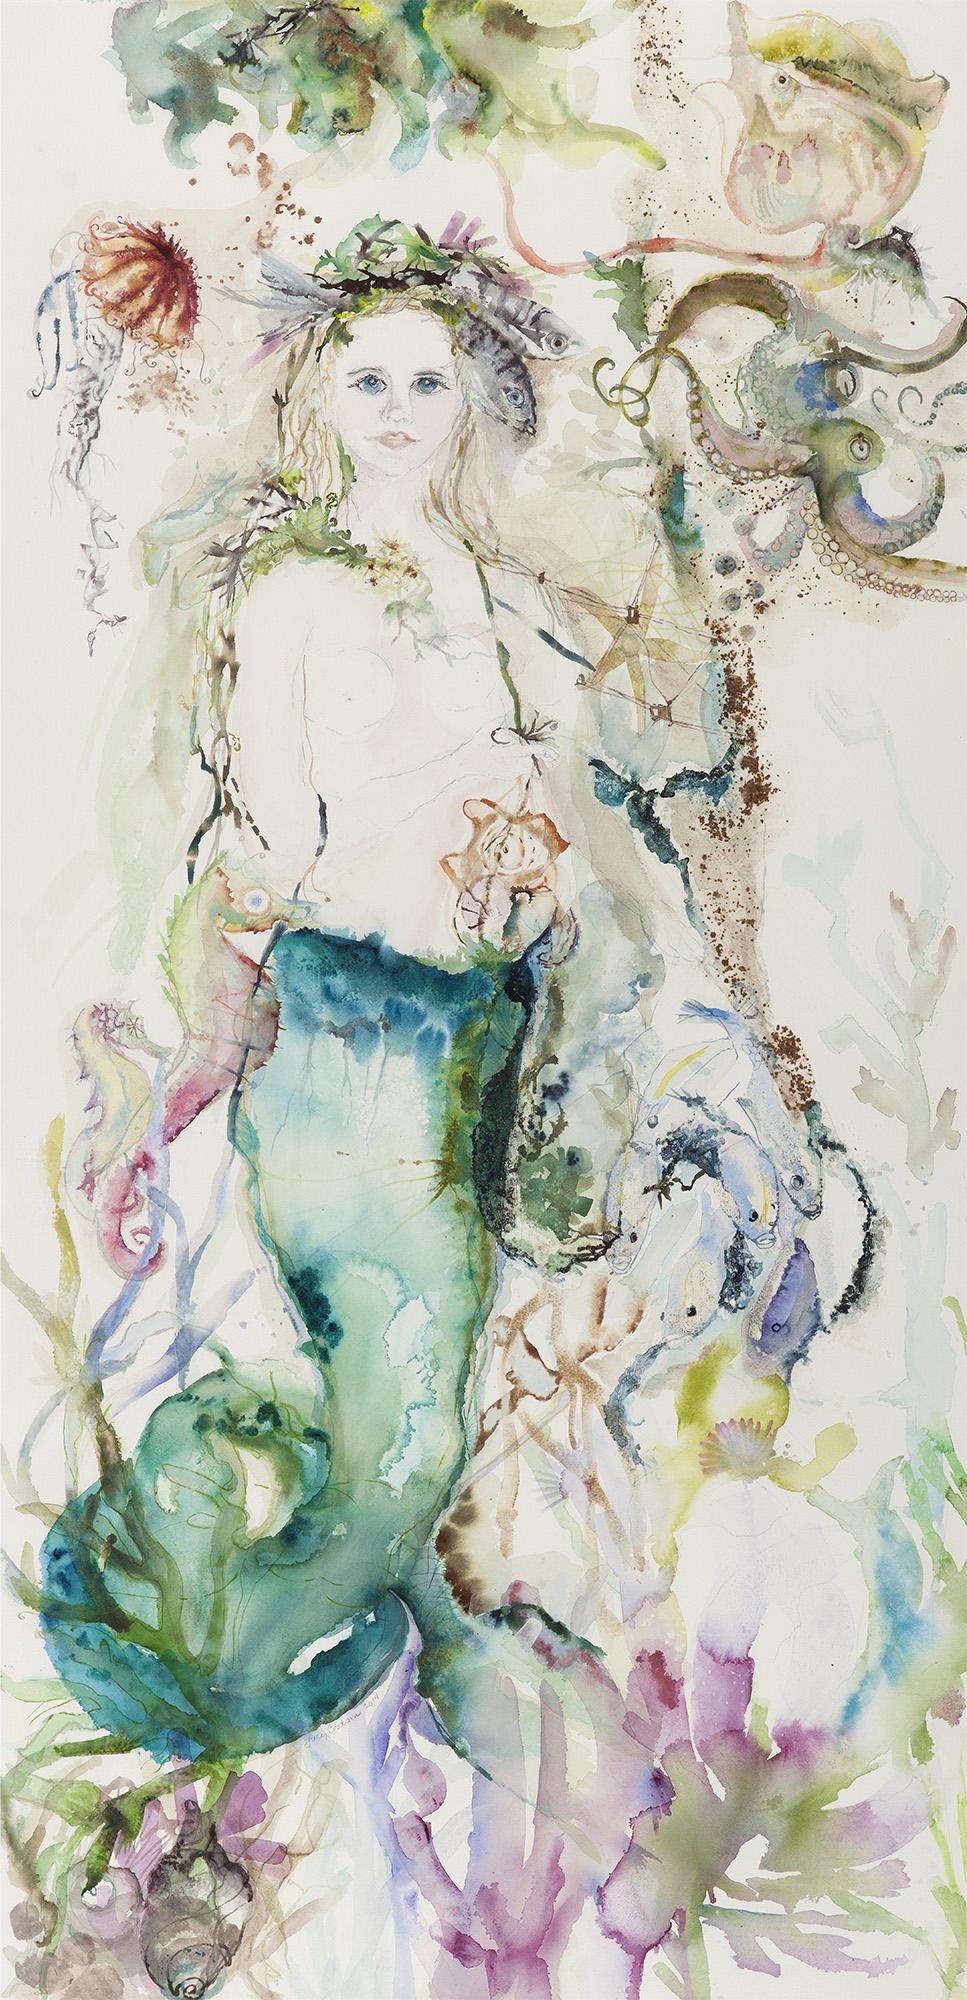 Mermaid (Allison's Mermaid), 2014, Watercolor on paper, 60 x 40 in.